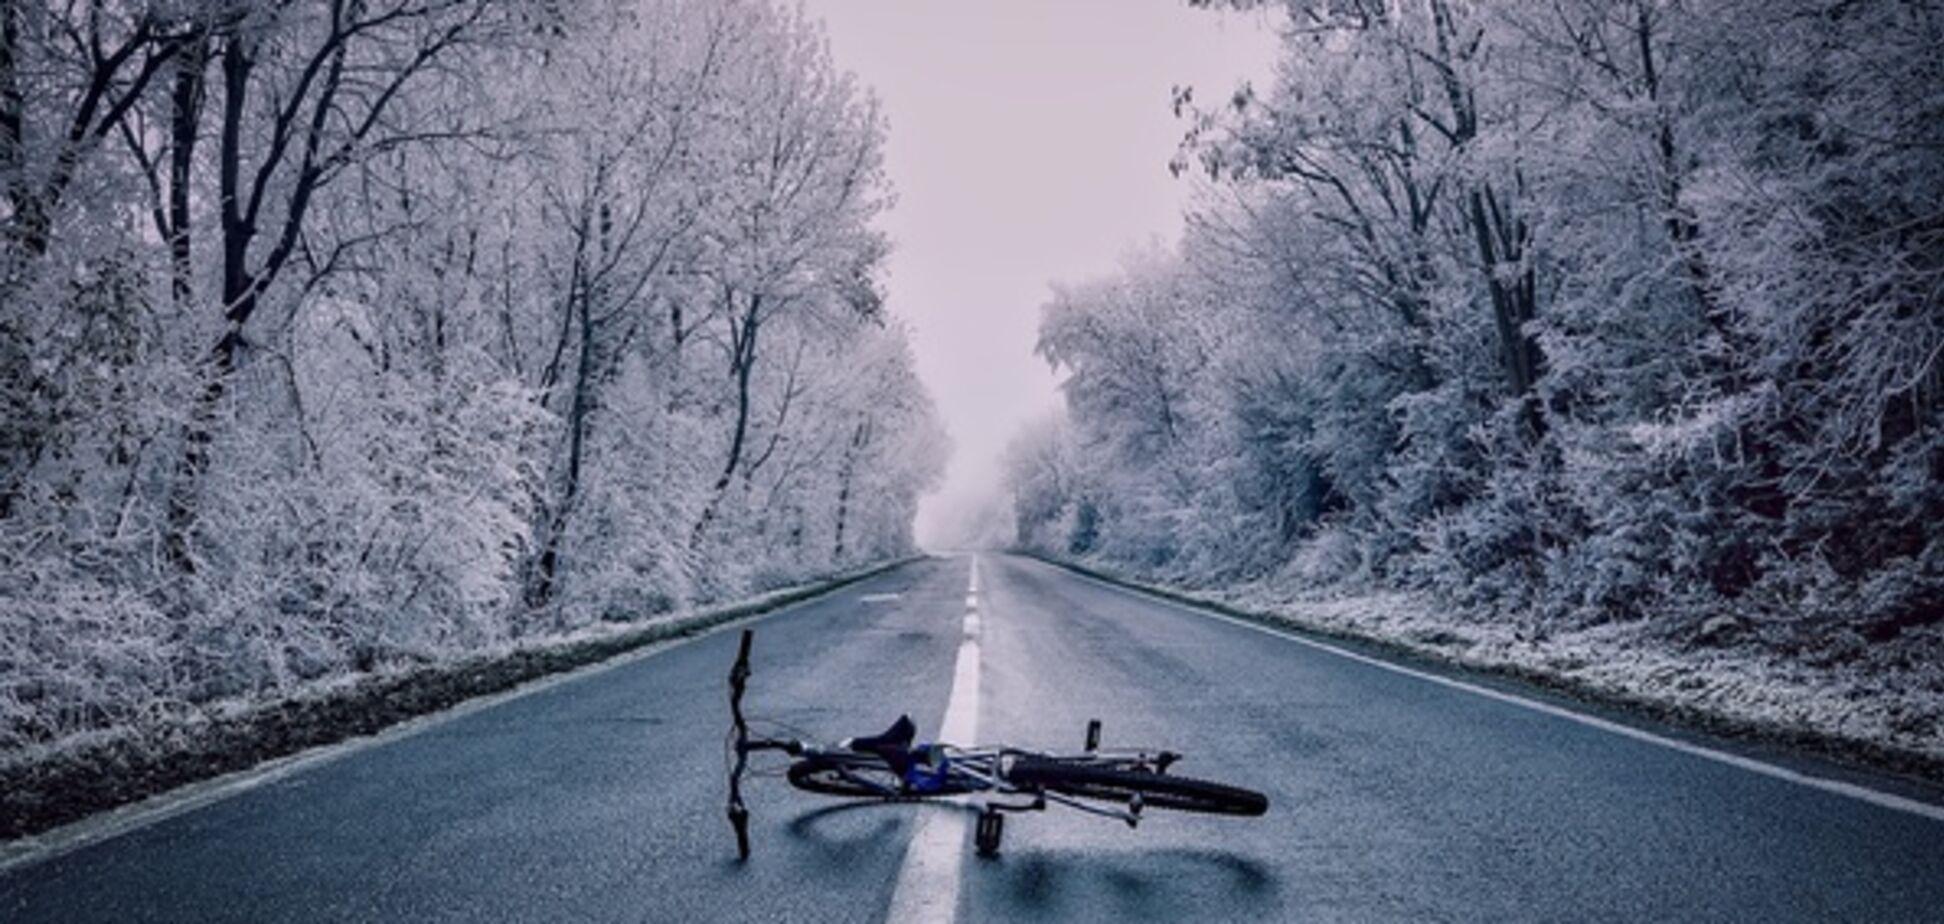 Сніг, дощ, шторм, ожеледь і магнітні бурі: синоптик налякала важким прогнозом по Україні